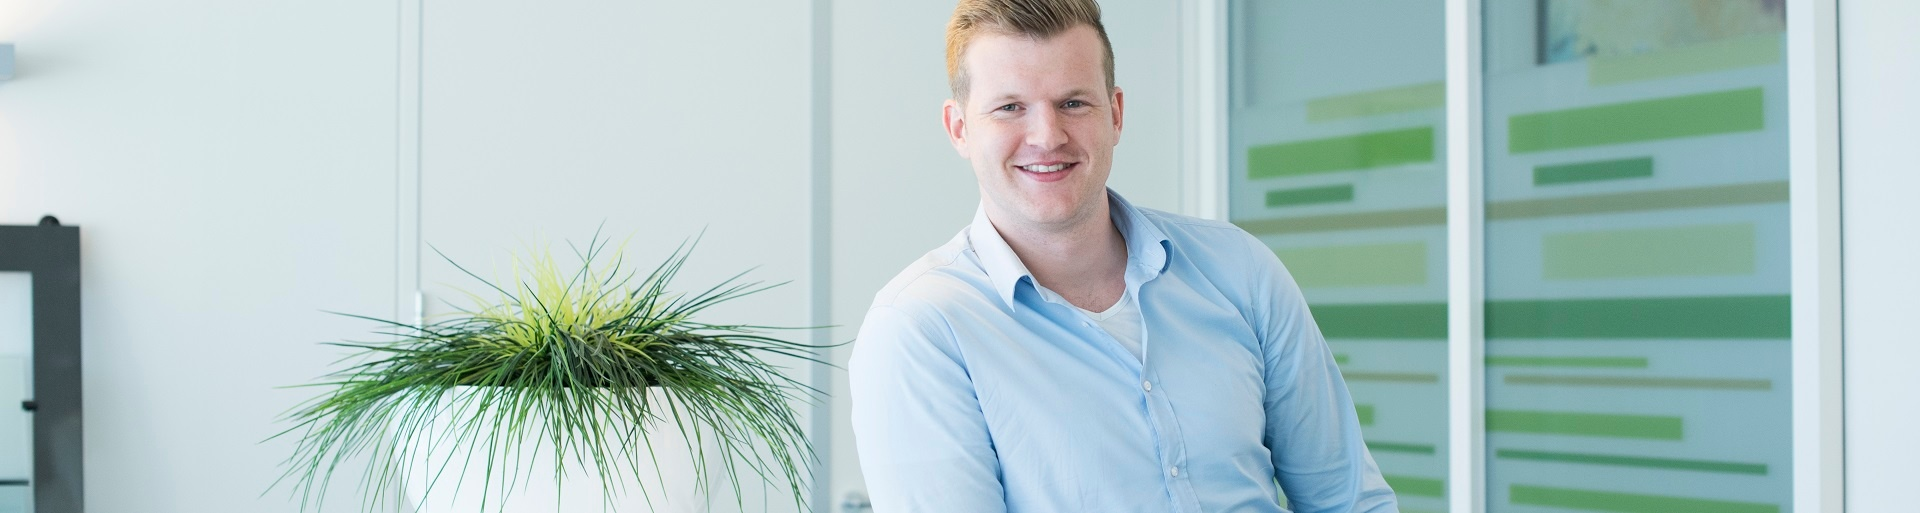 Functioneel Consultant Sjoerd ten Brinke: